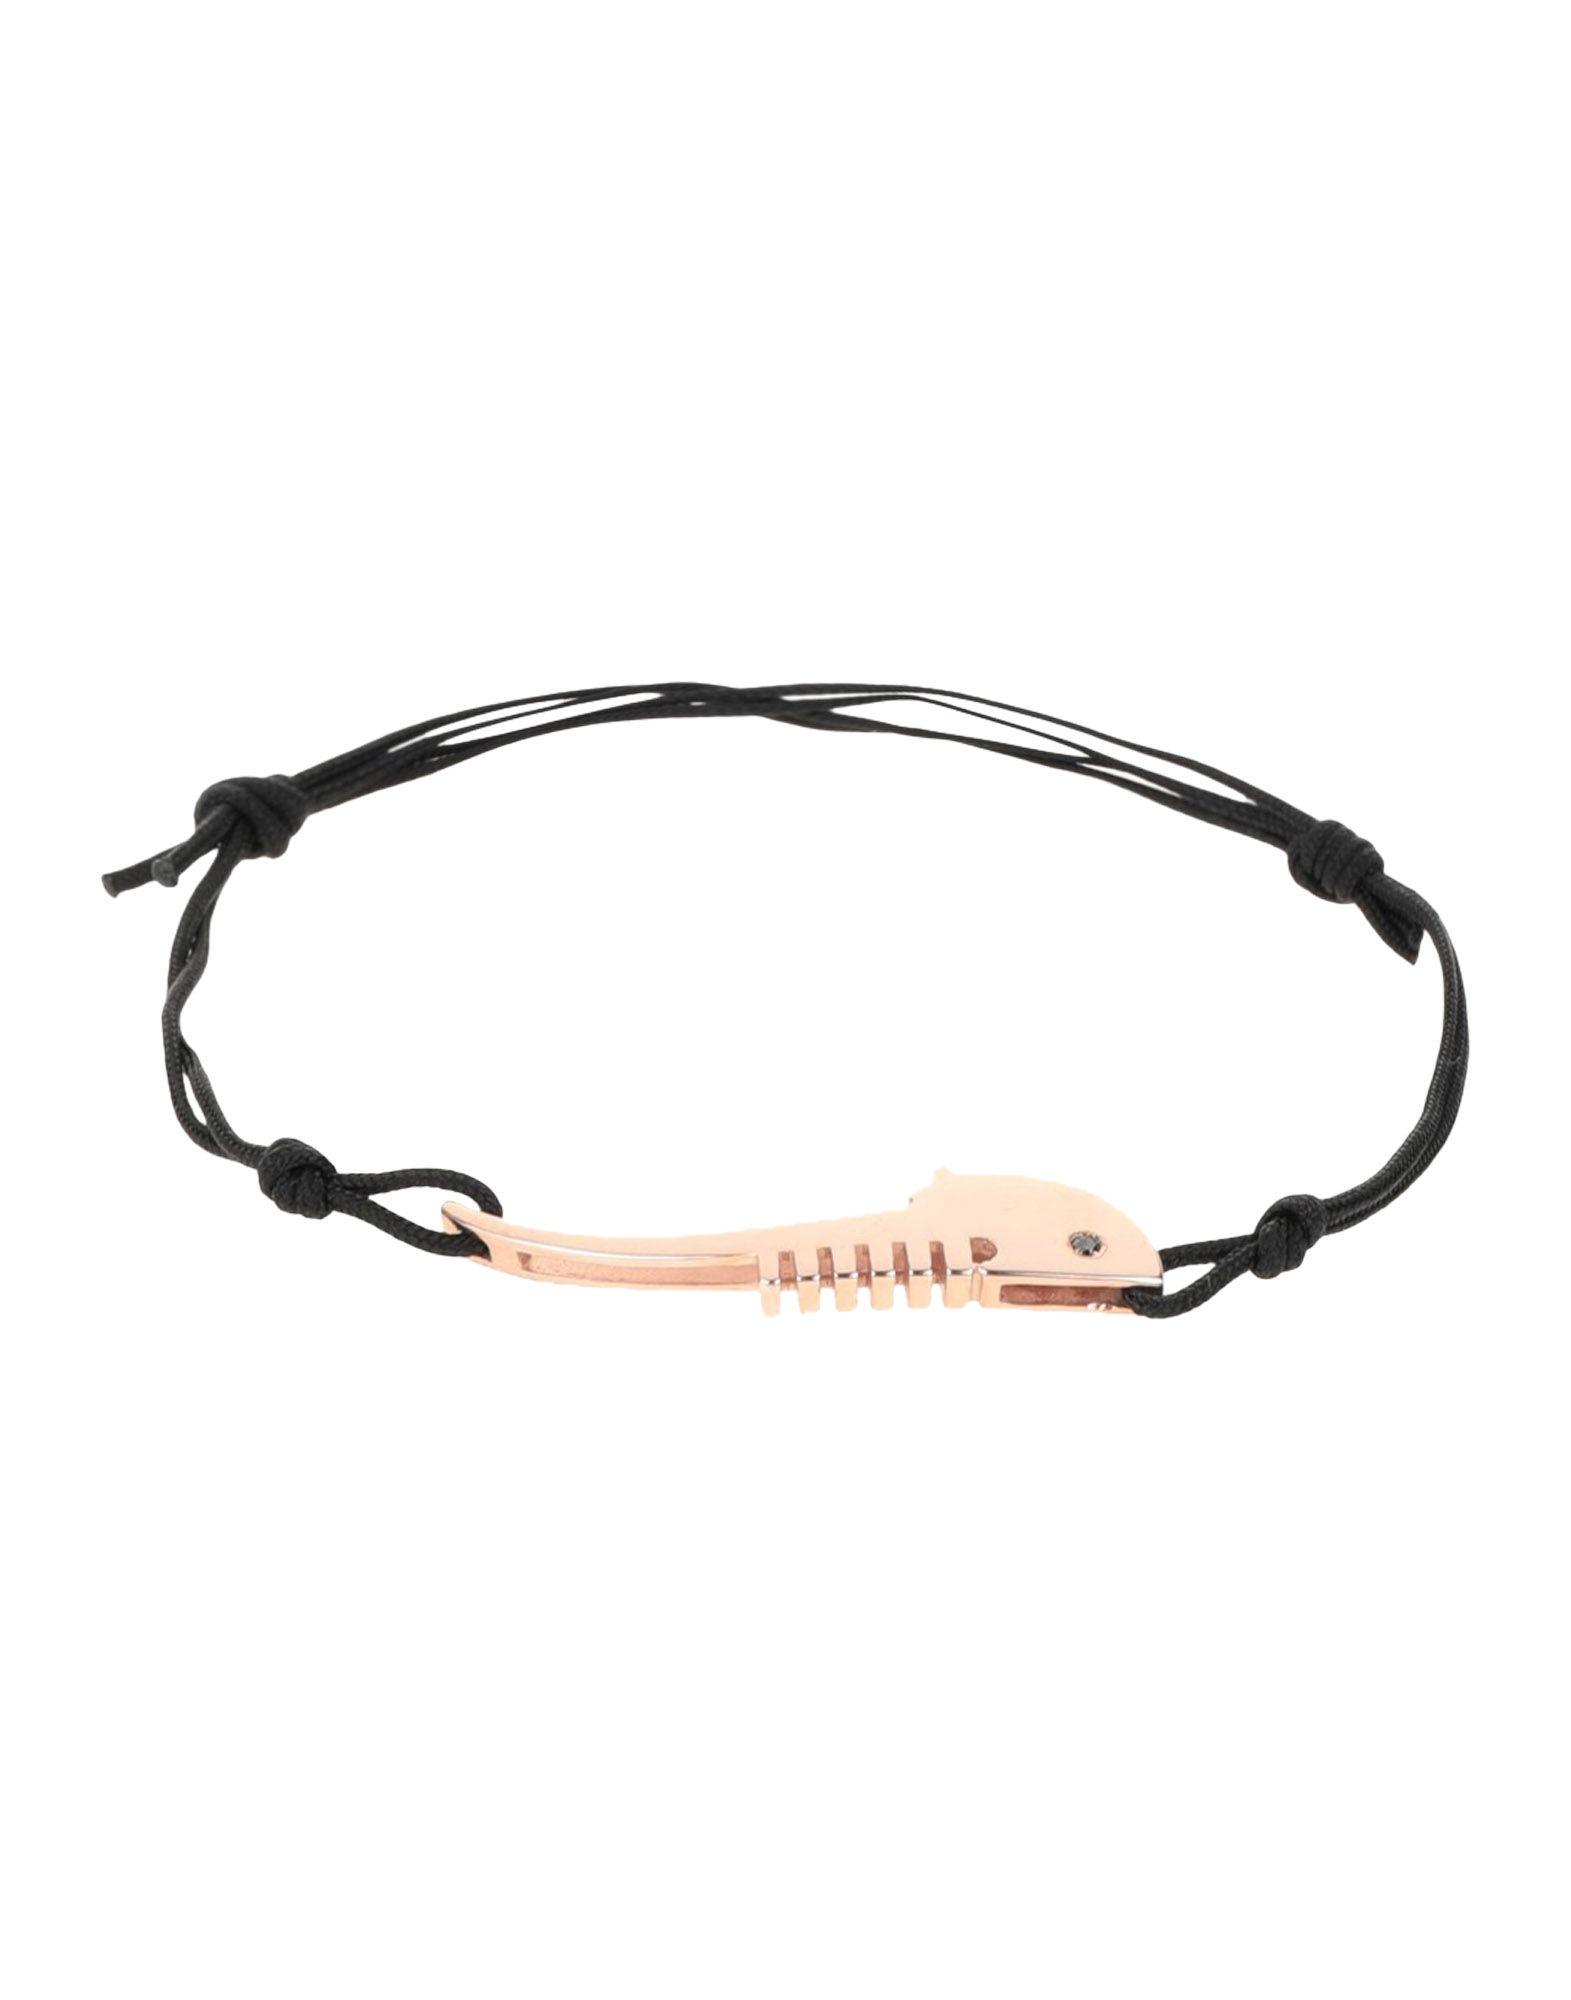 《送料無料》FRANCESCO PAVAN レディース ブレスレット ブラック 紡績繊維 / シルバー925/1000